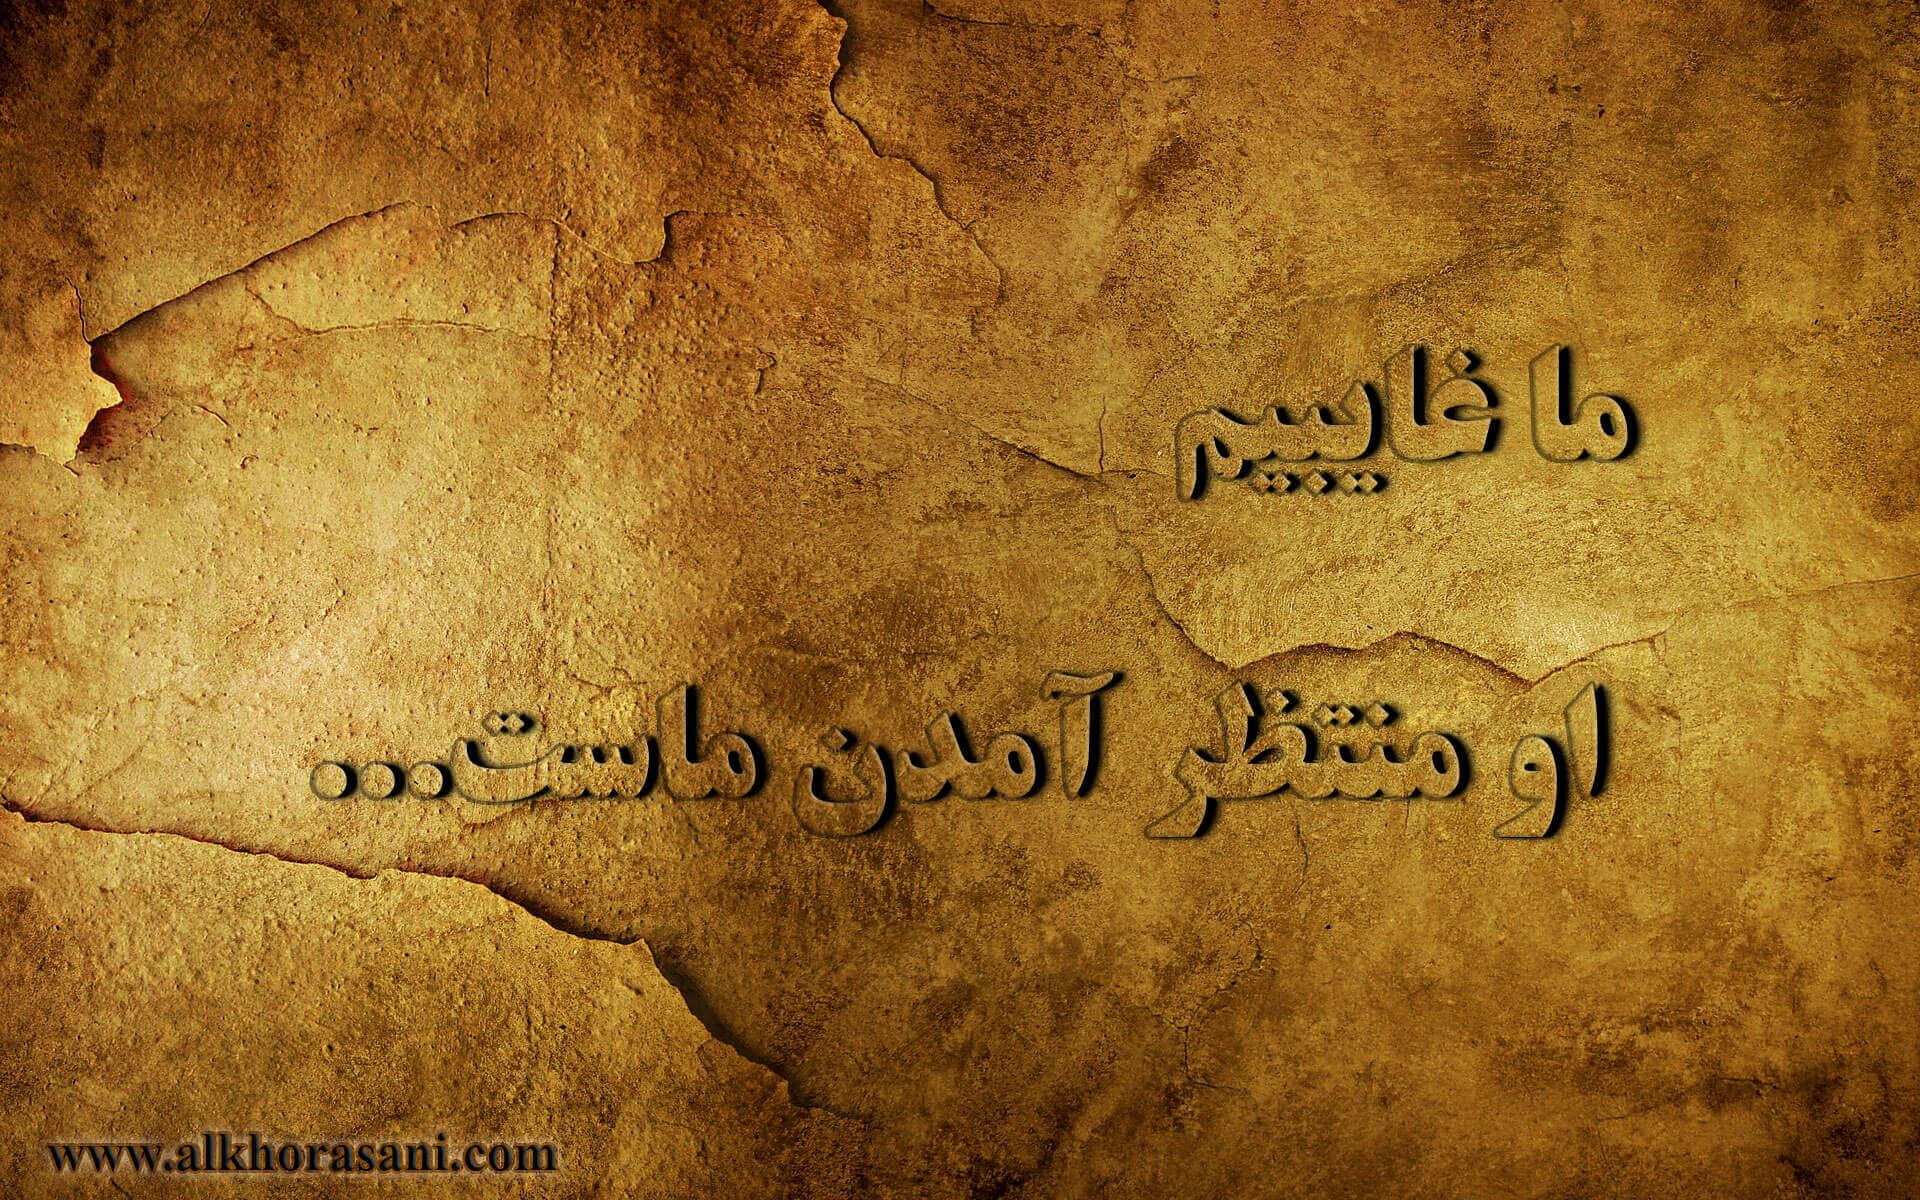 ما غایبیم؛ او منتظر آمدن ماست...